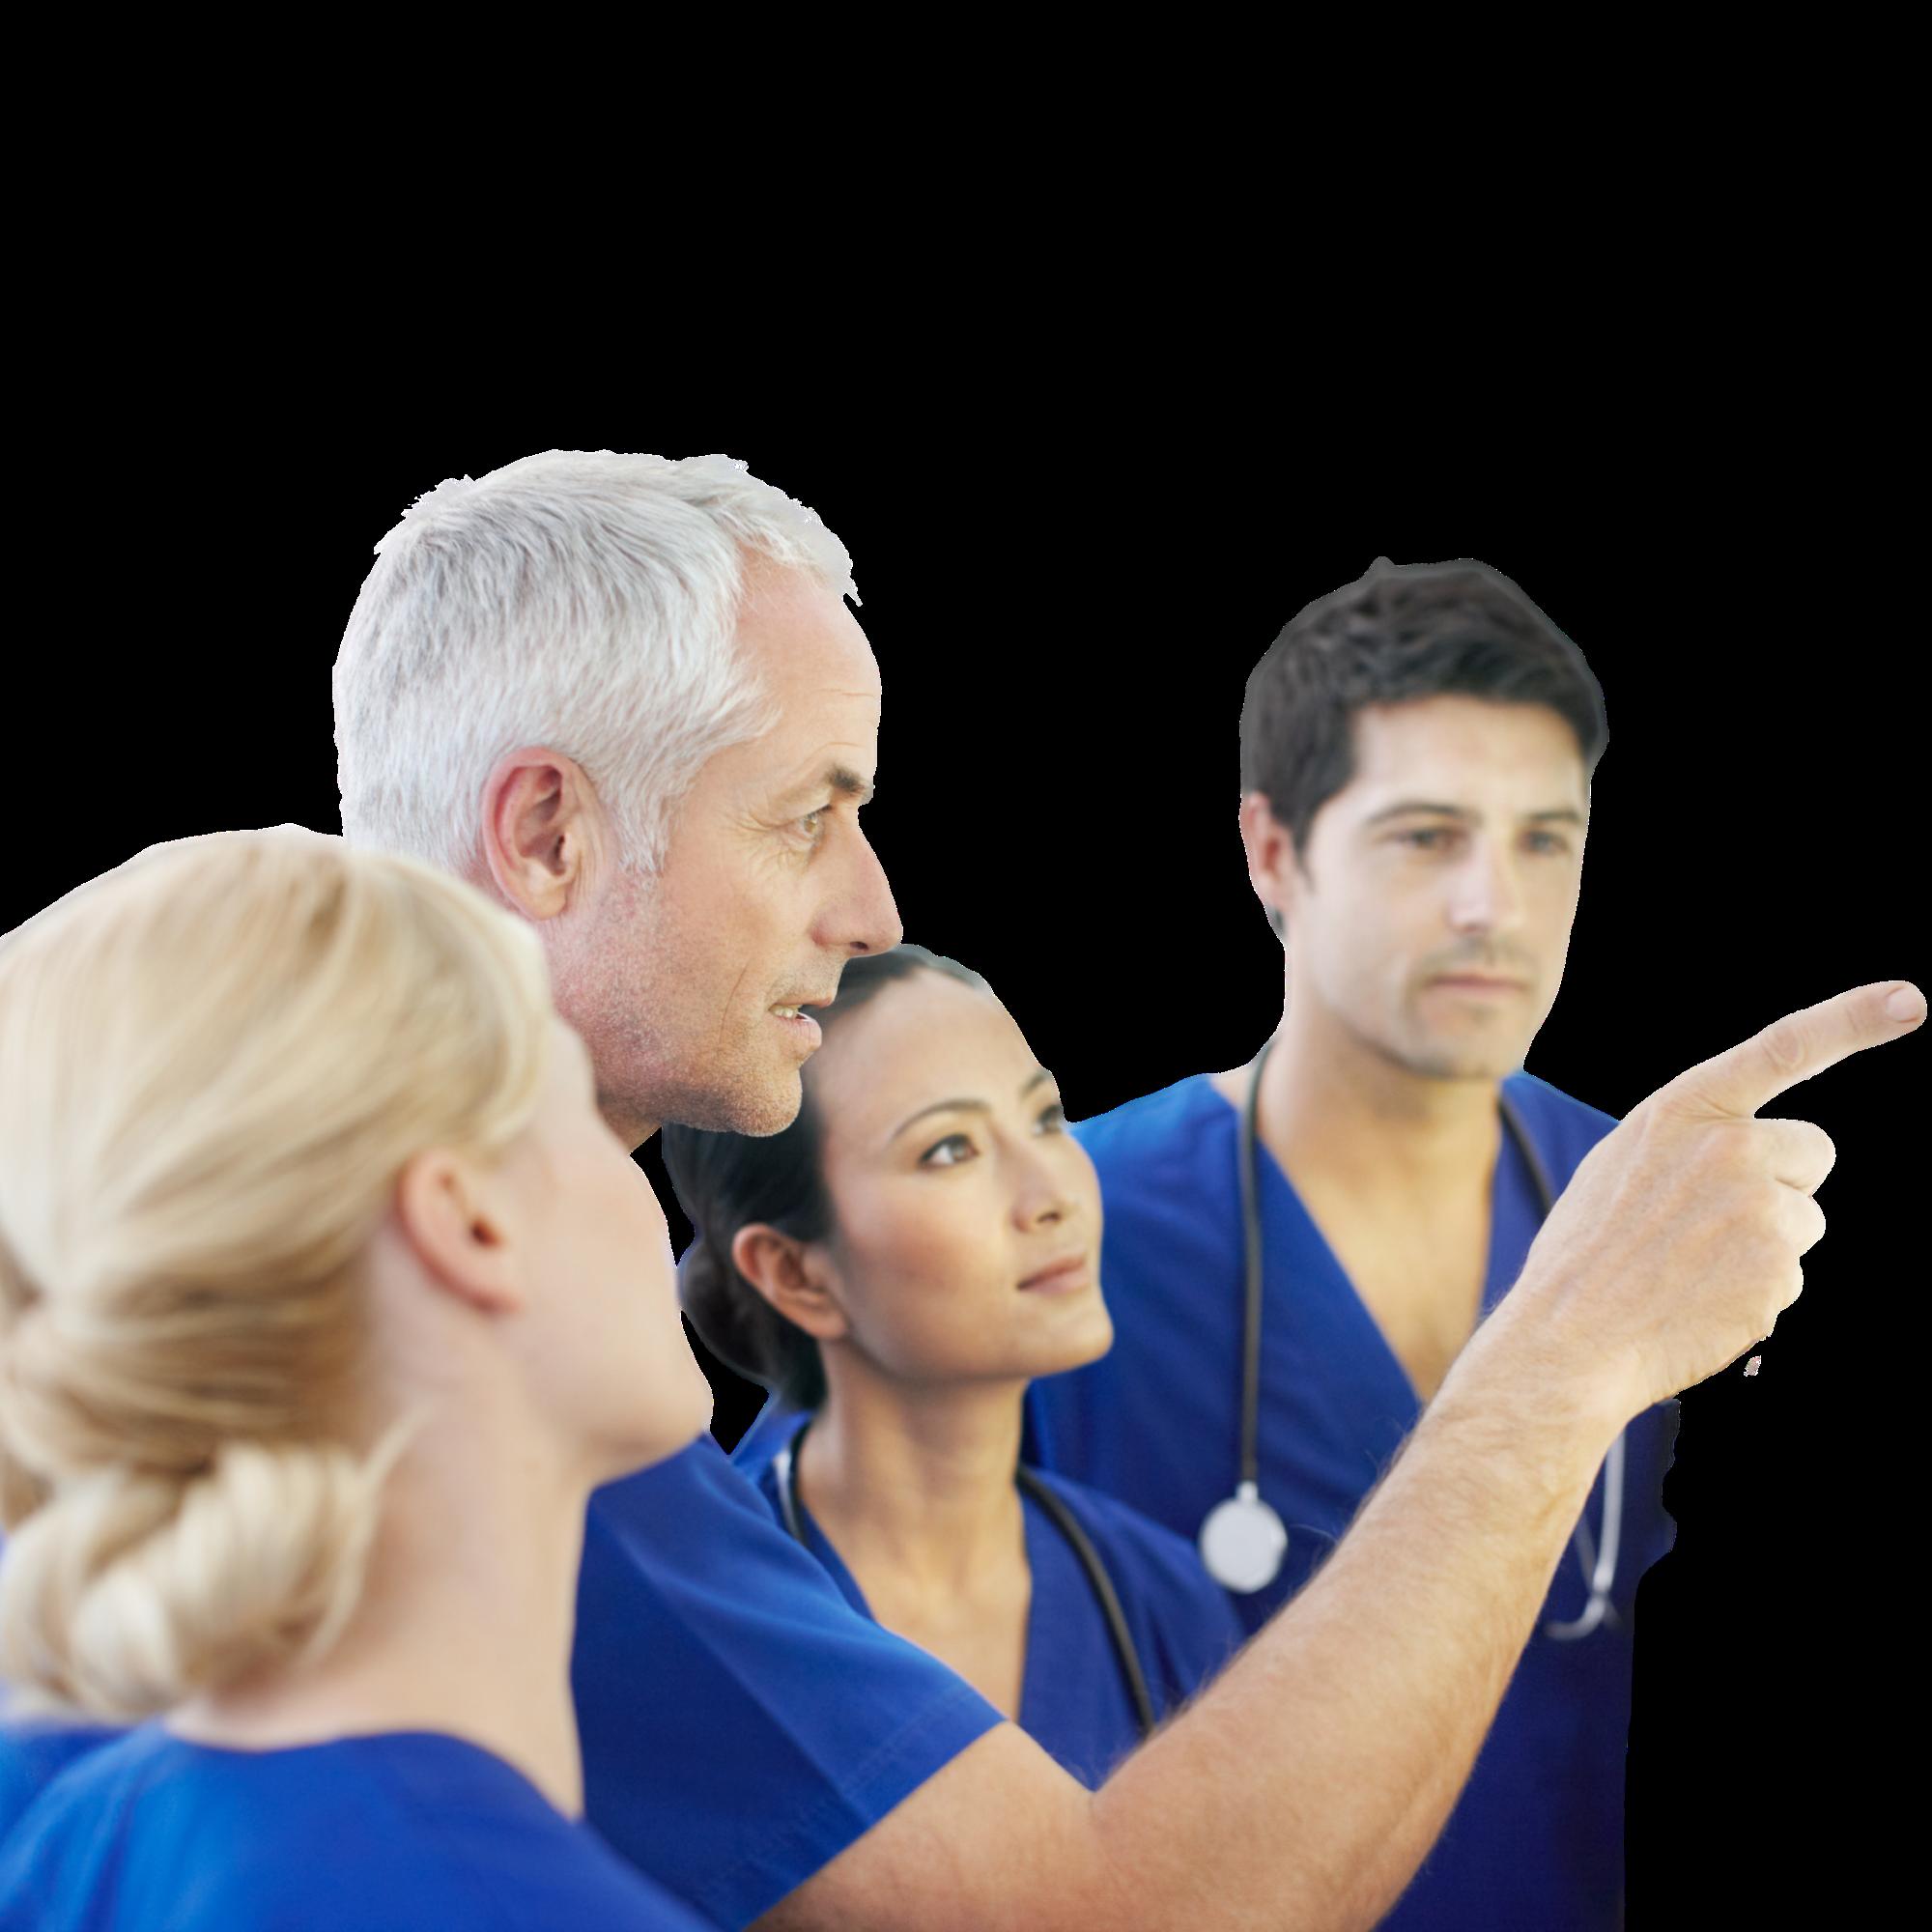 médecins blouses bleues neige arbres montagnes congrès médico-dentaires